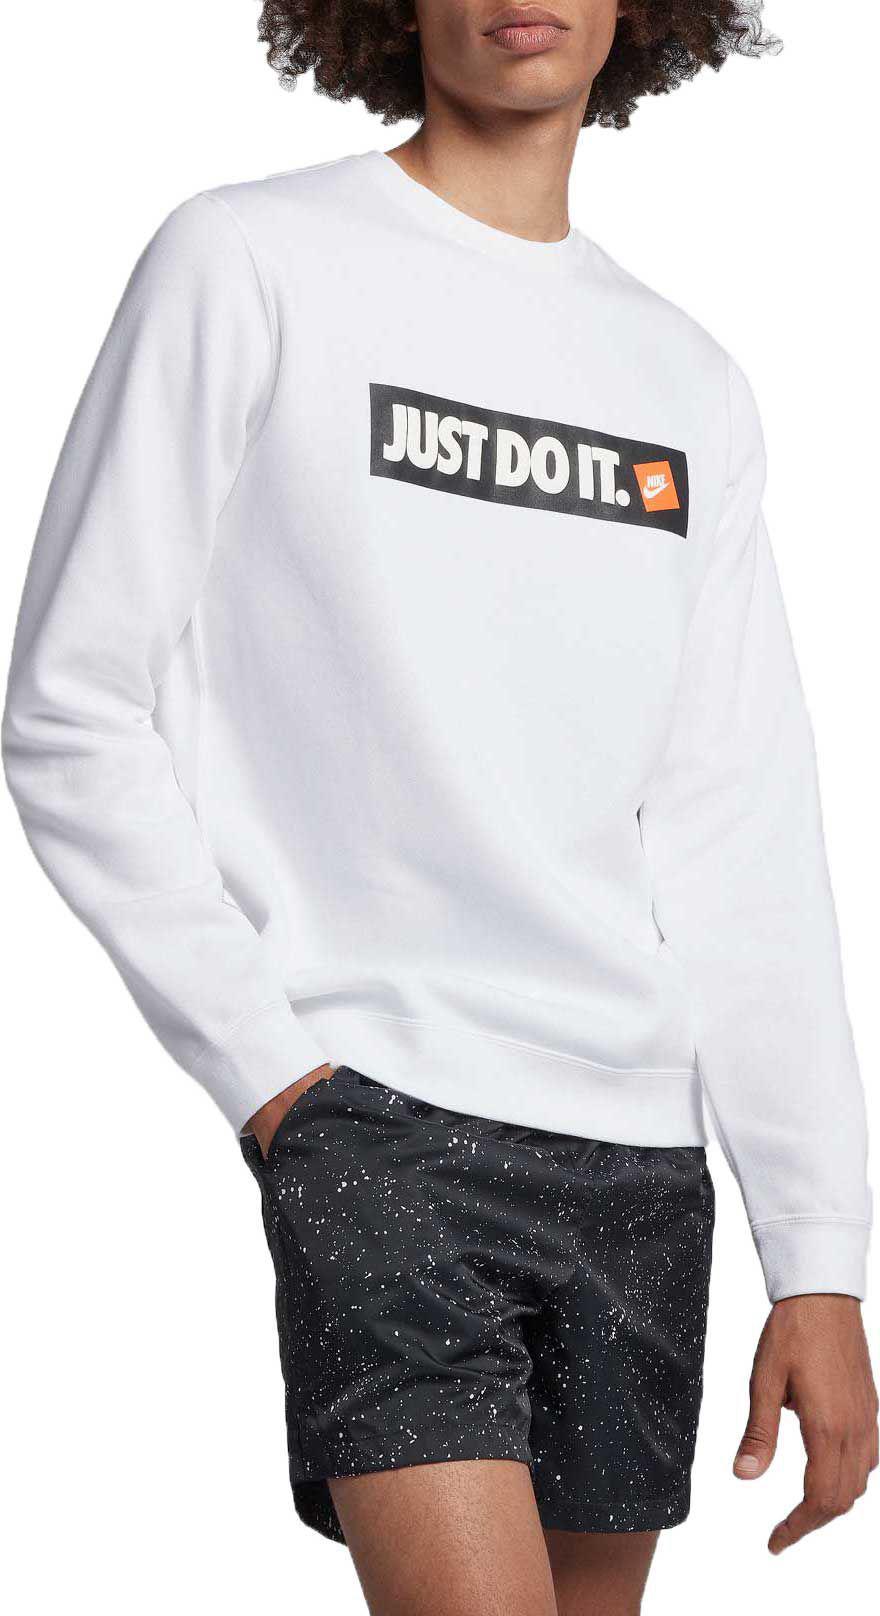 75fd92f9d Nike Sportswear Just Do It Fleece Pullover in White for Men - Lyst